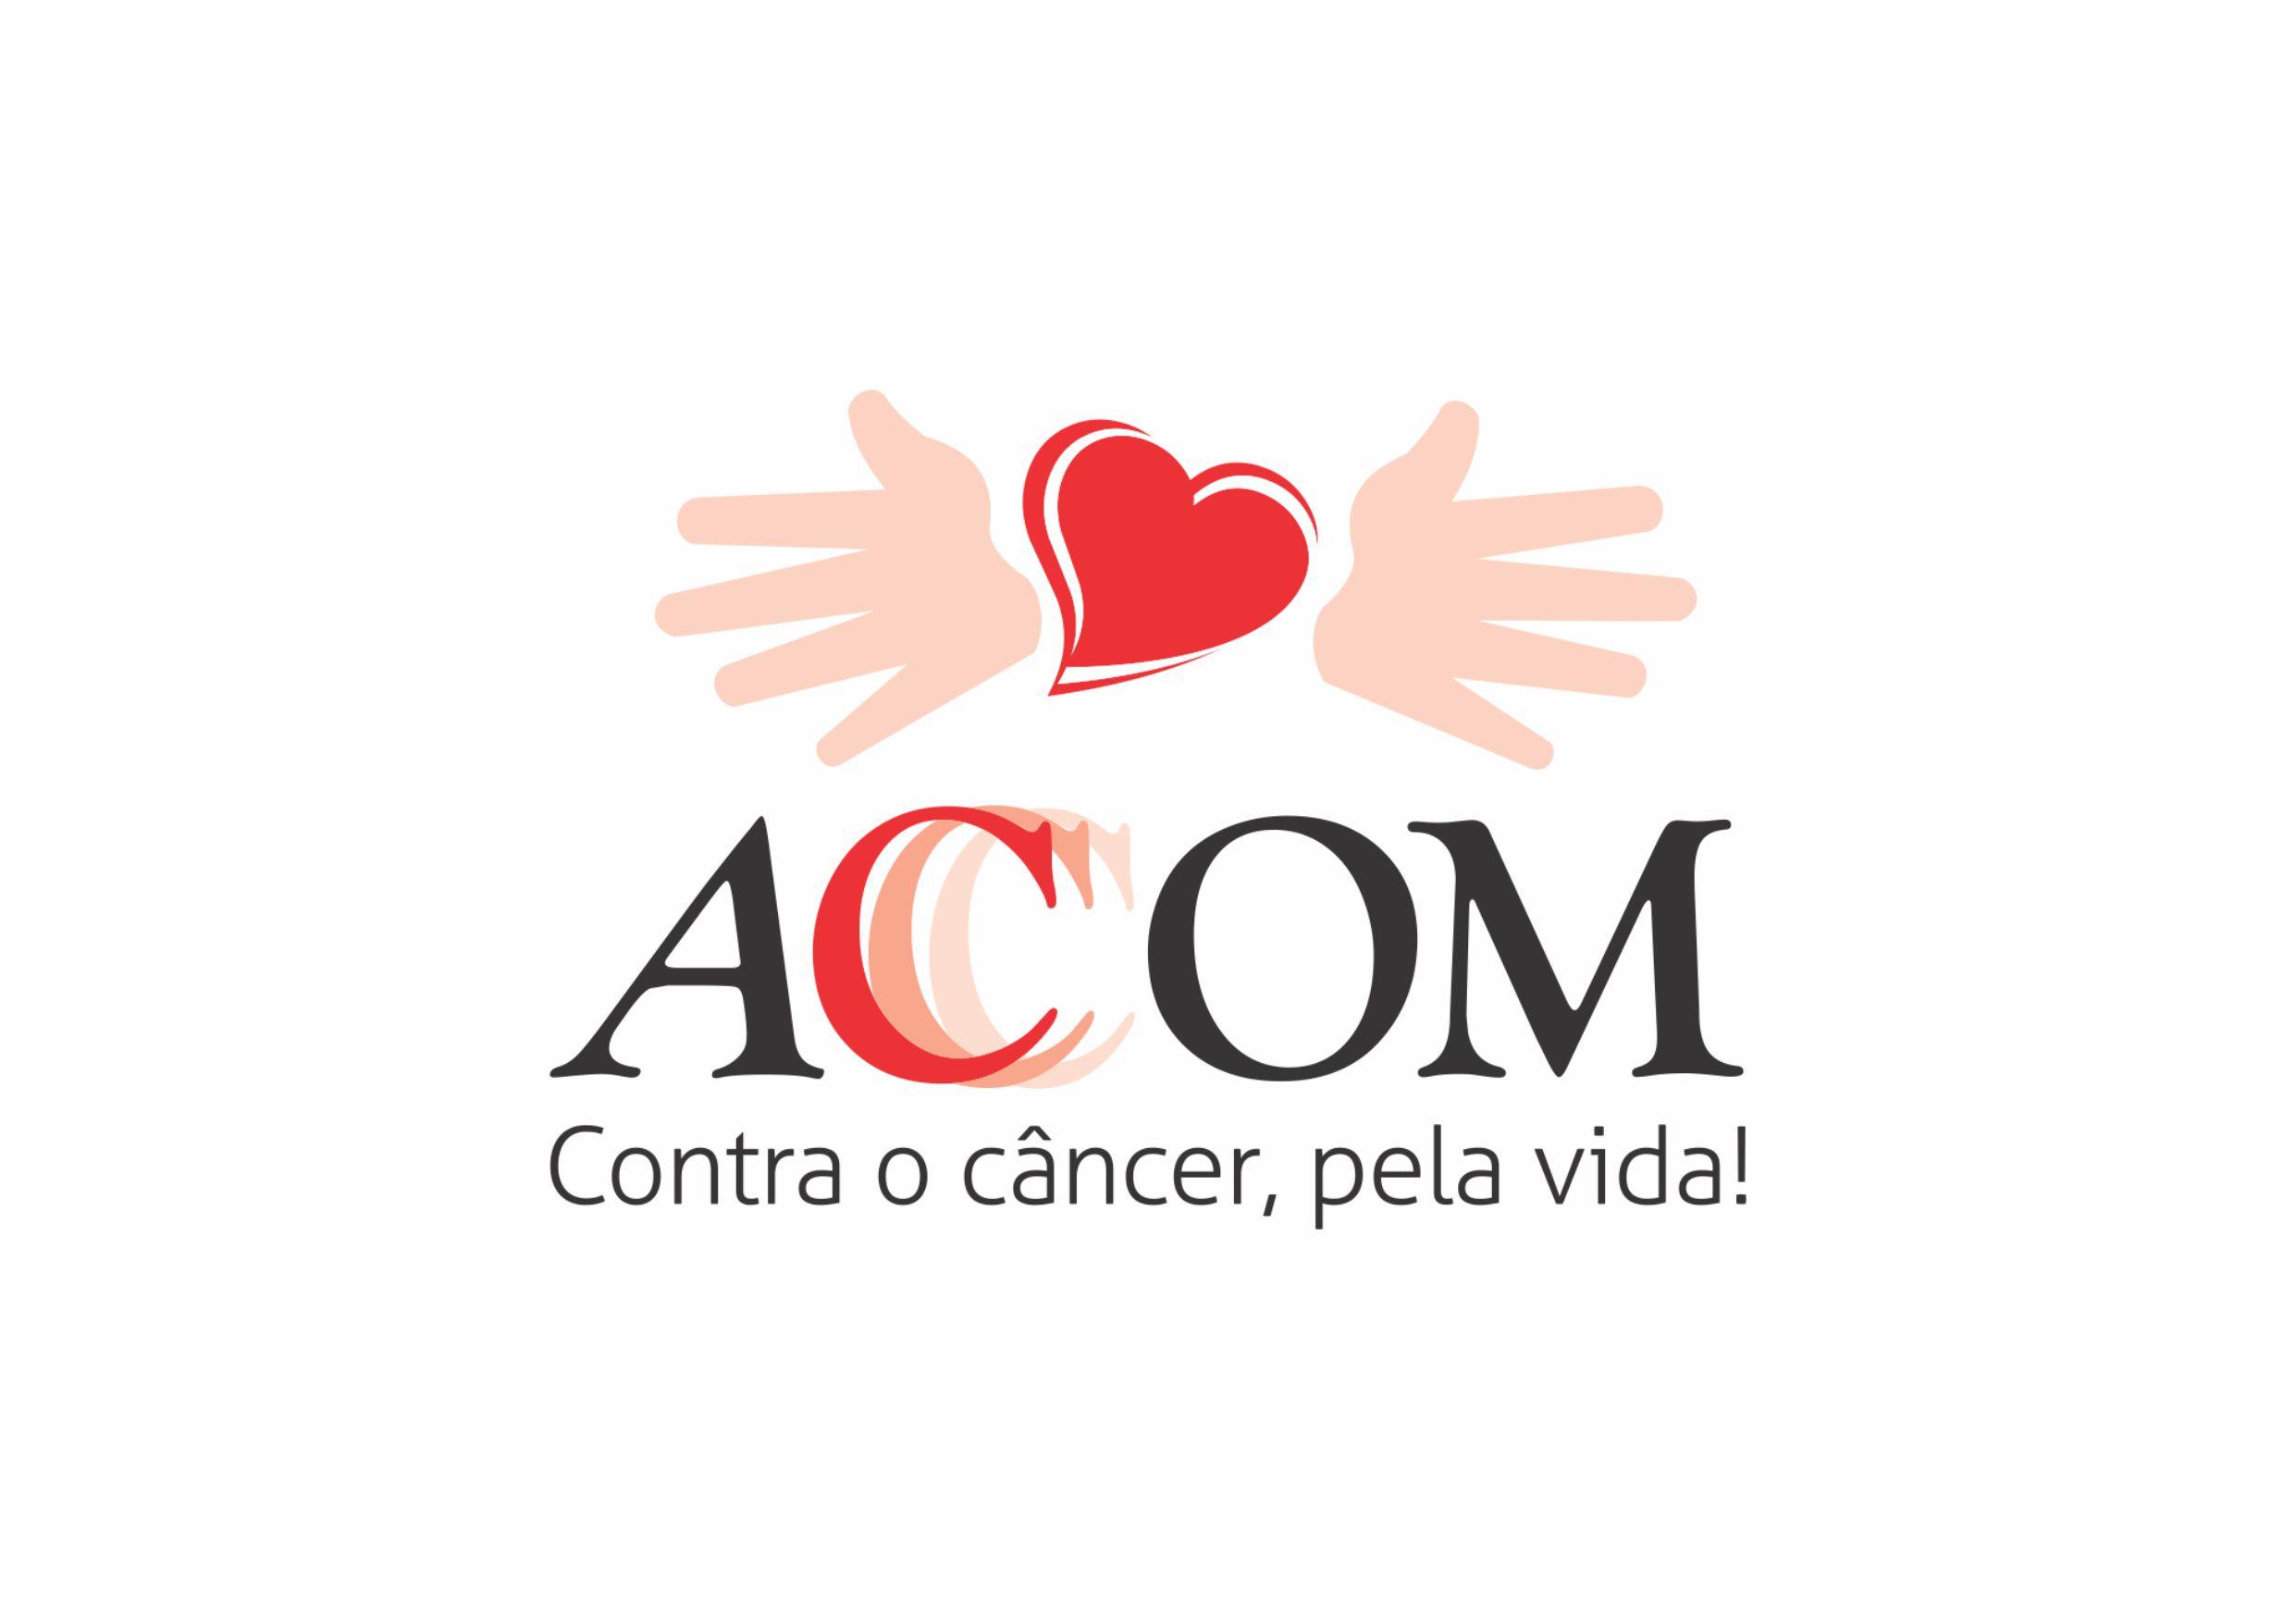 Acccom